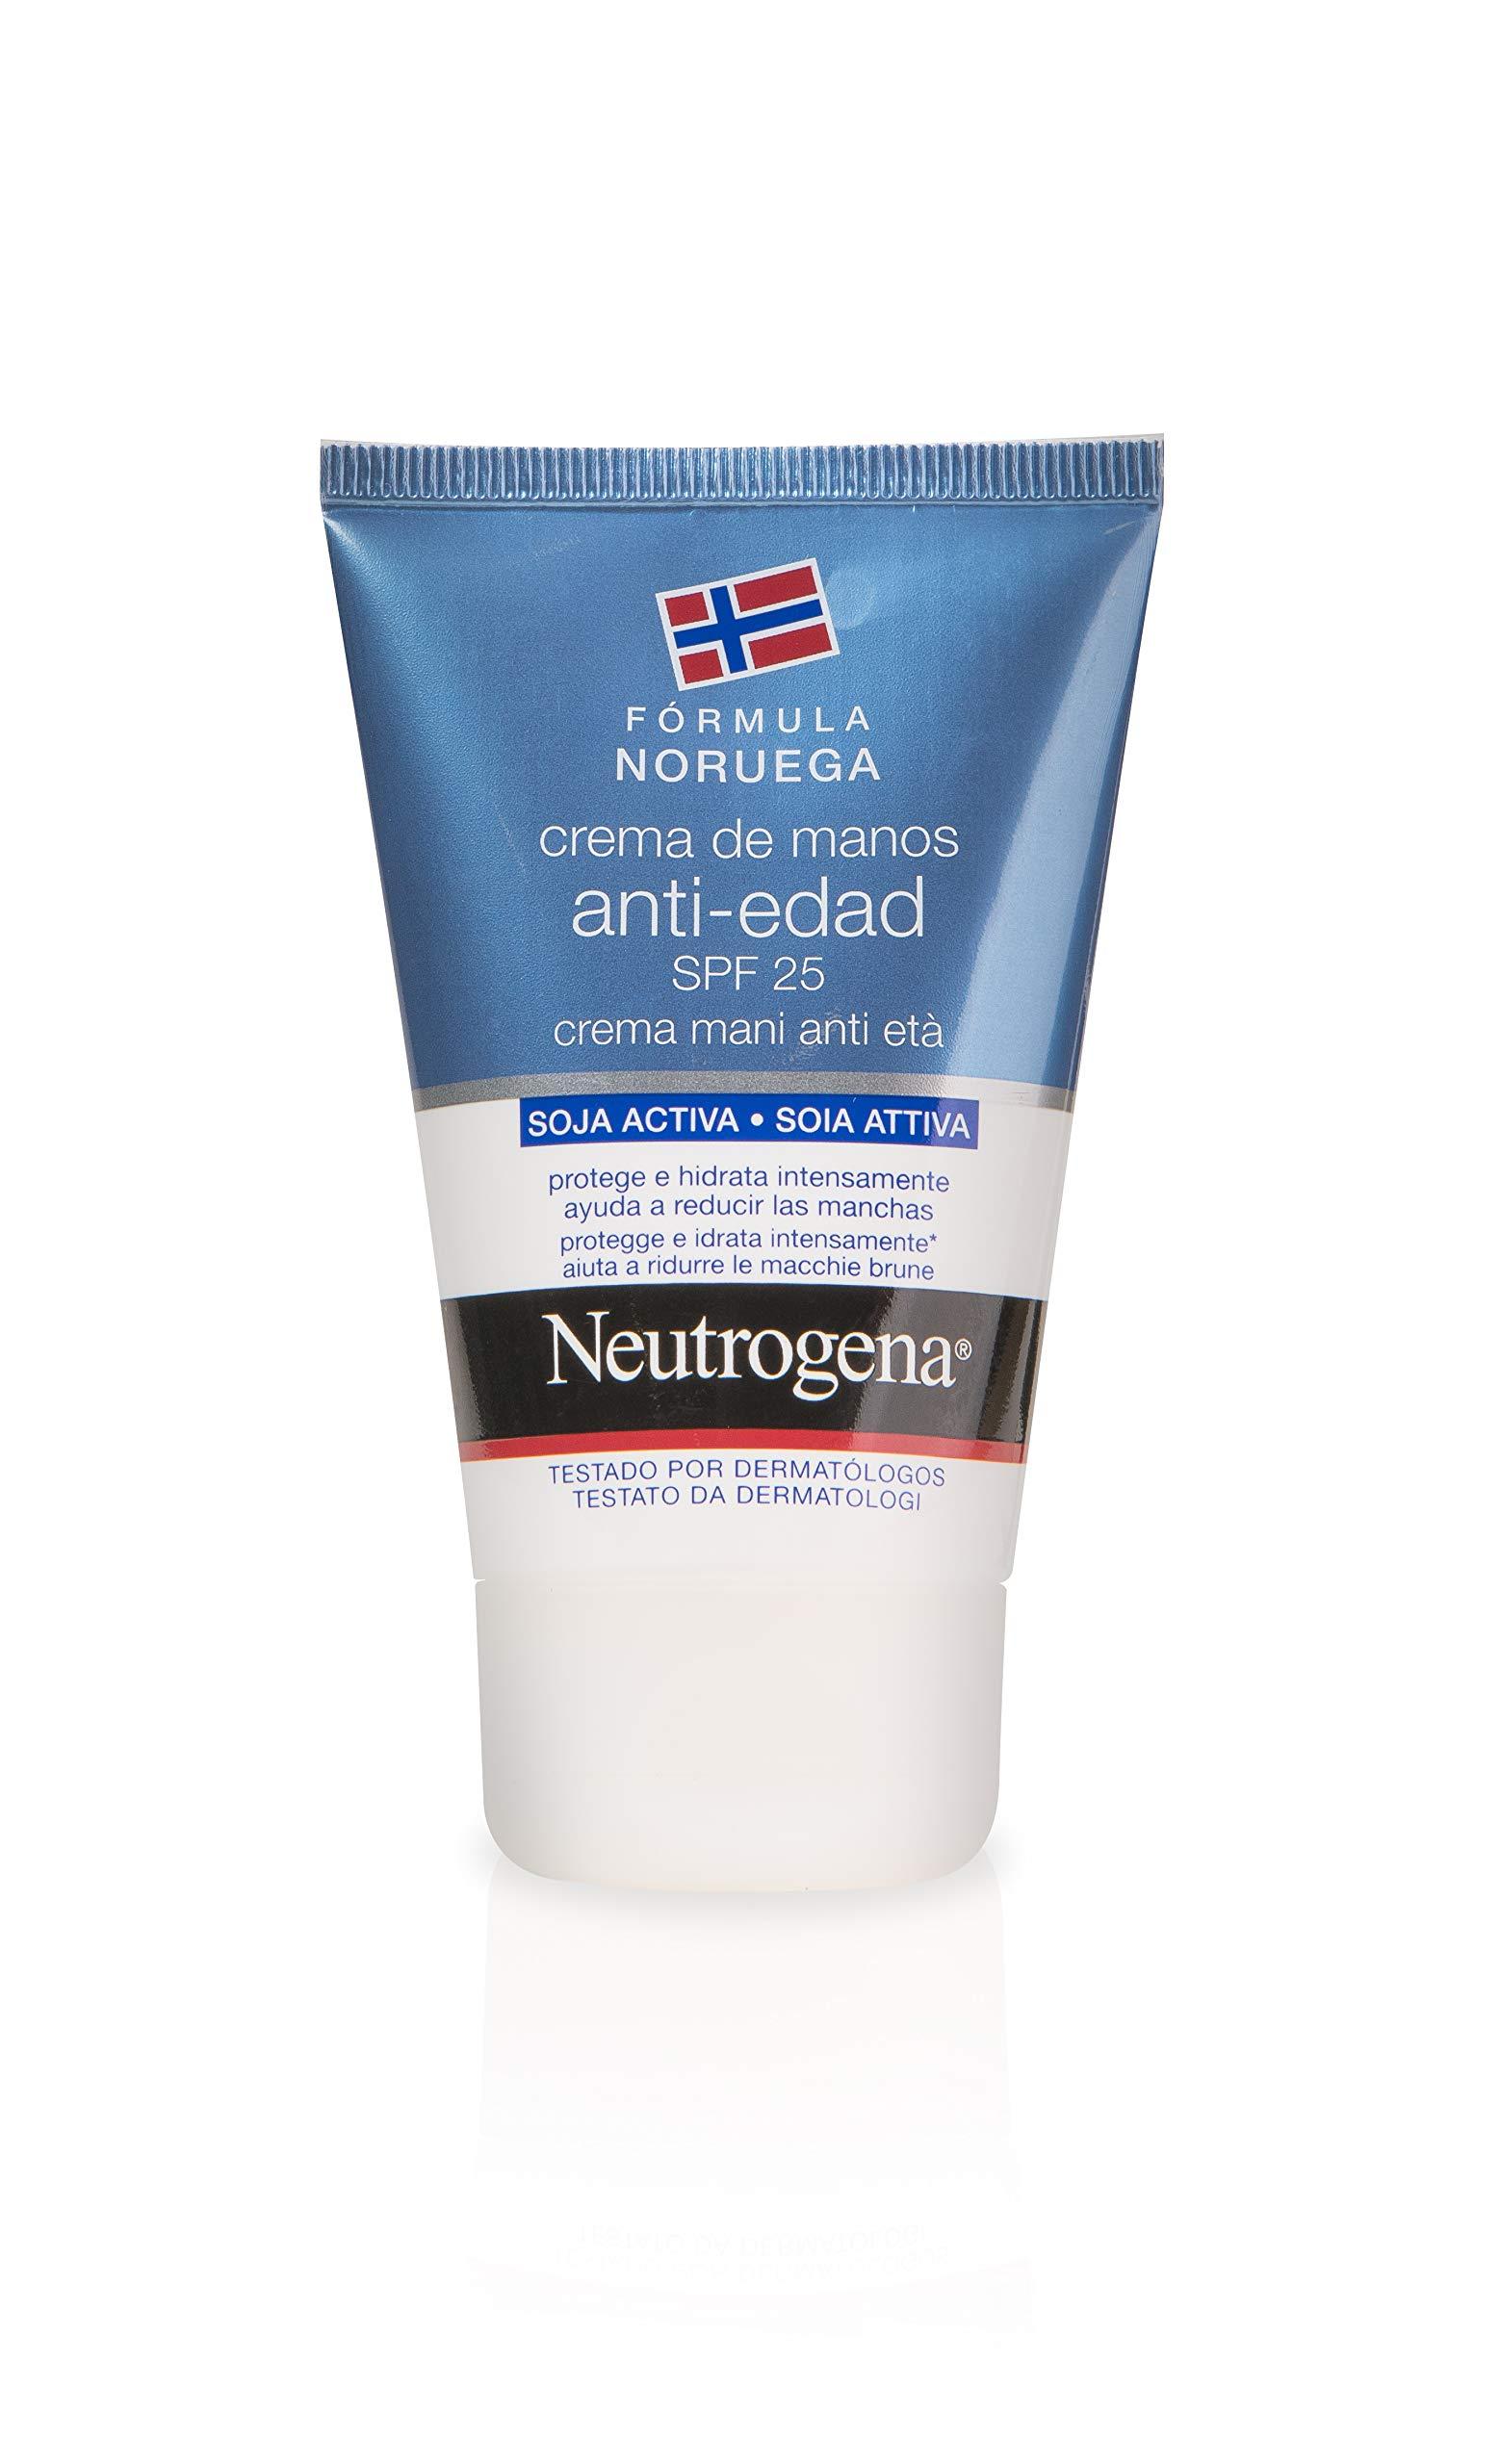 Neutrogena Crema de Manos Anti-Edad